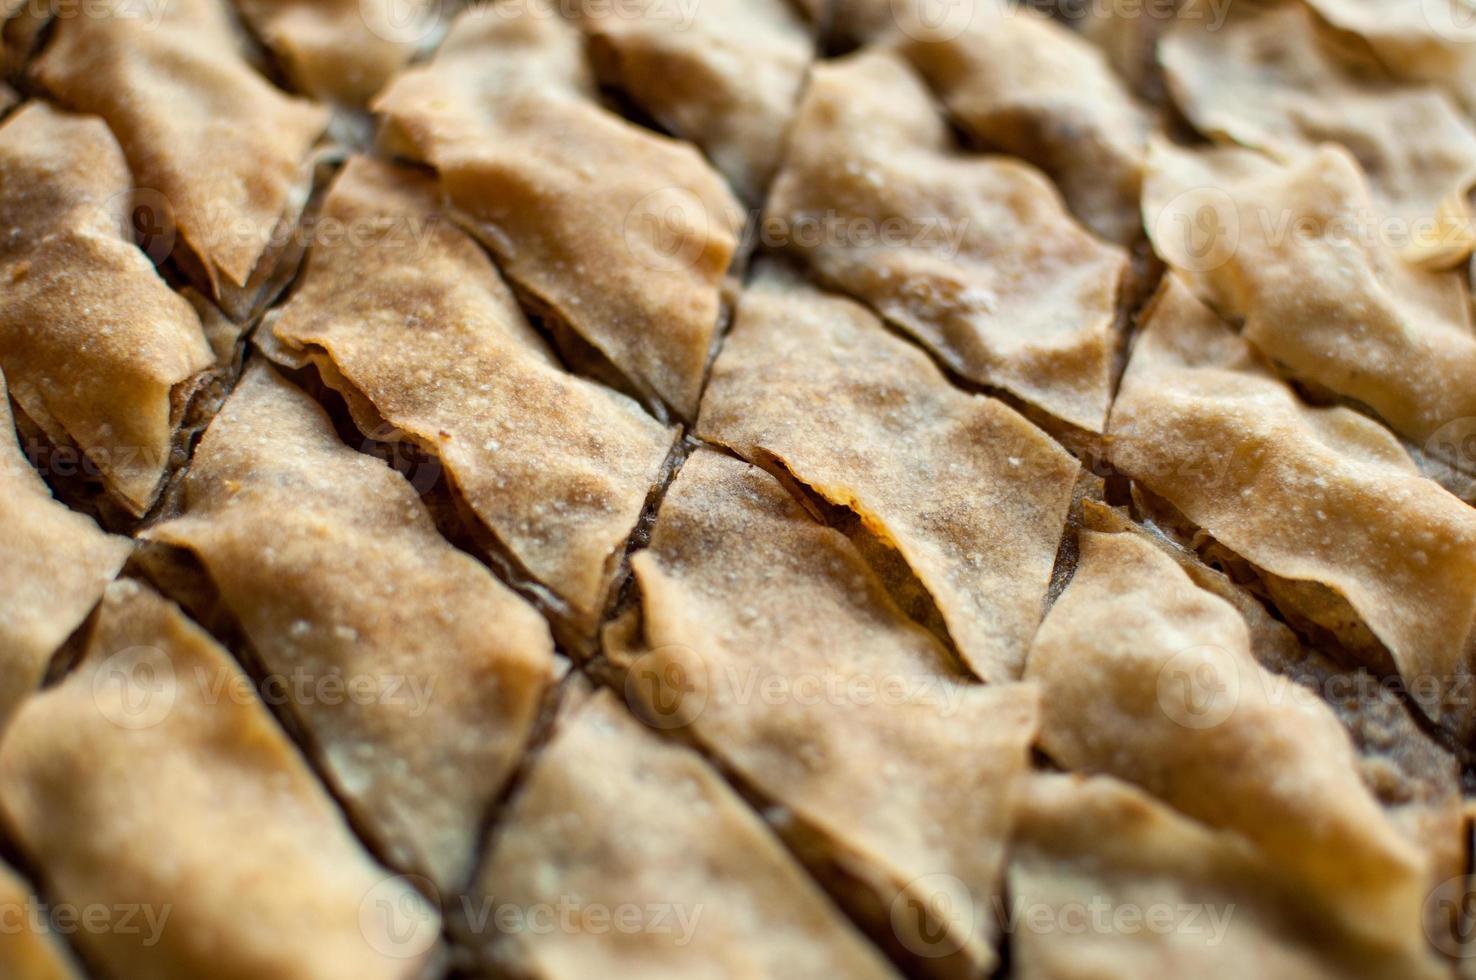 baklava, sobremesa turca feita de massa fina, nozes e mel. foto